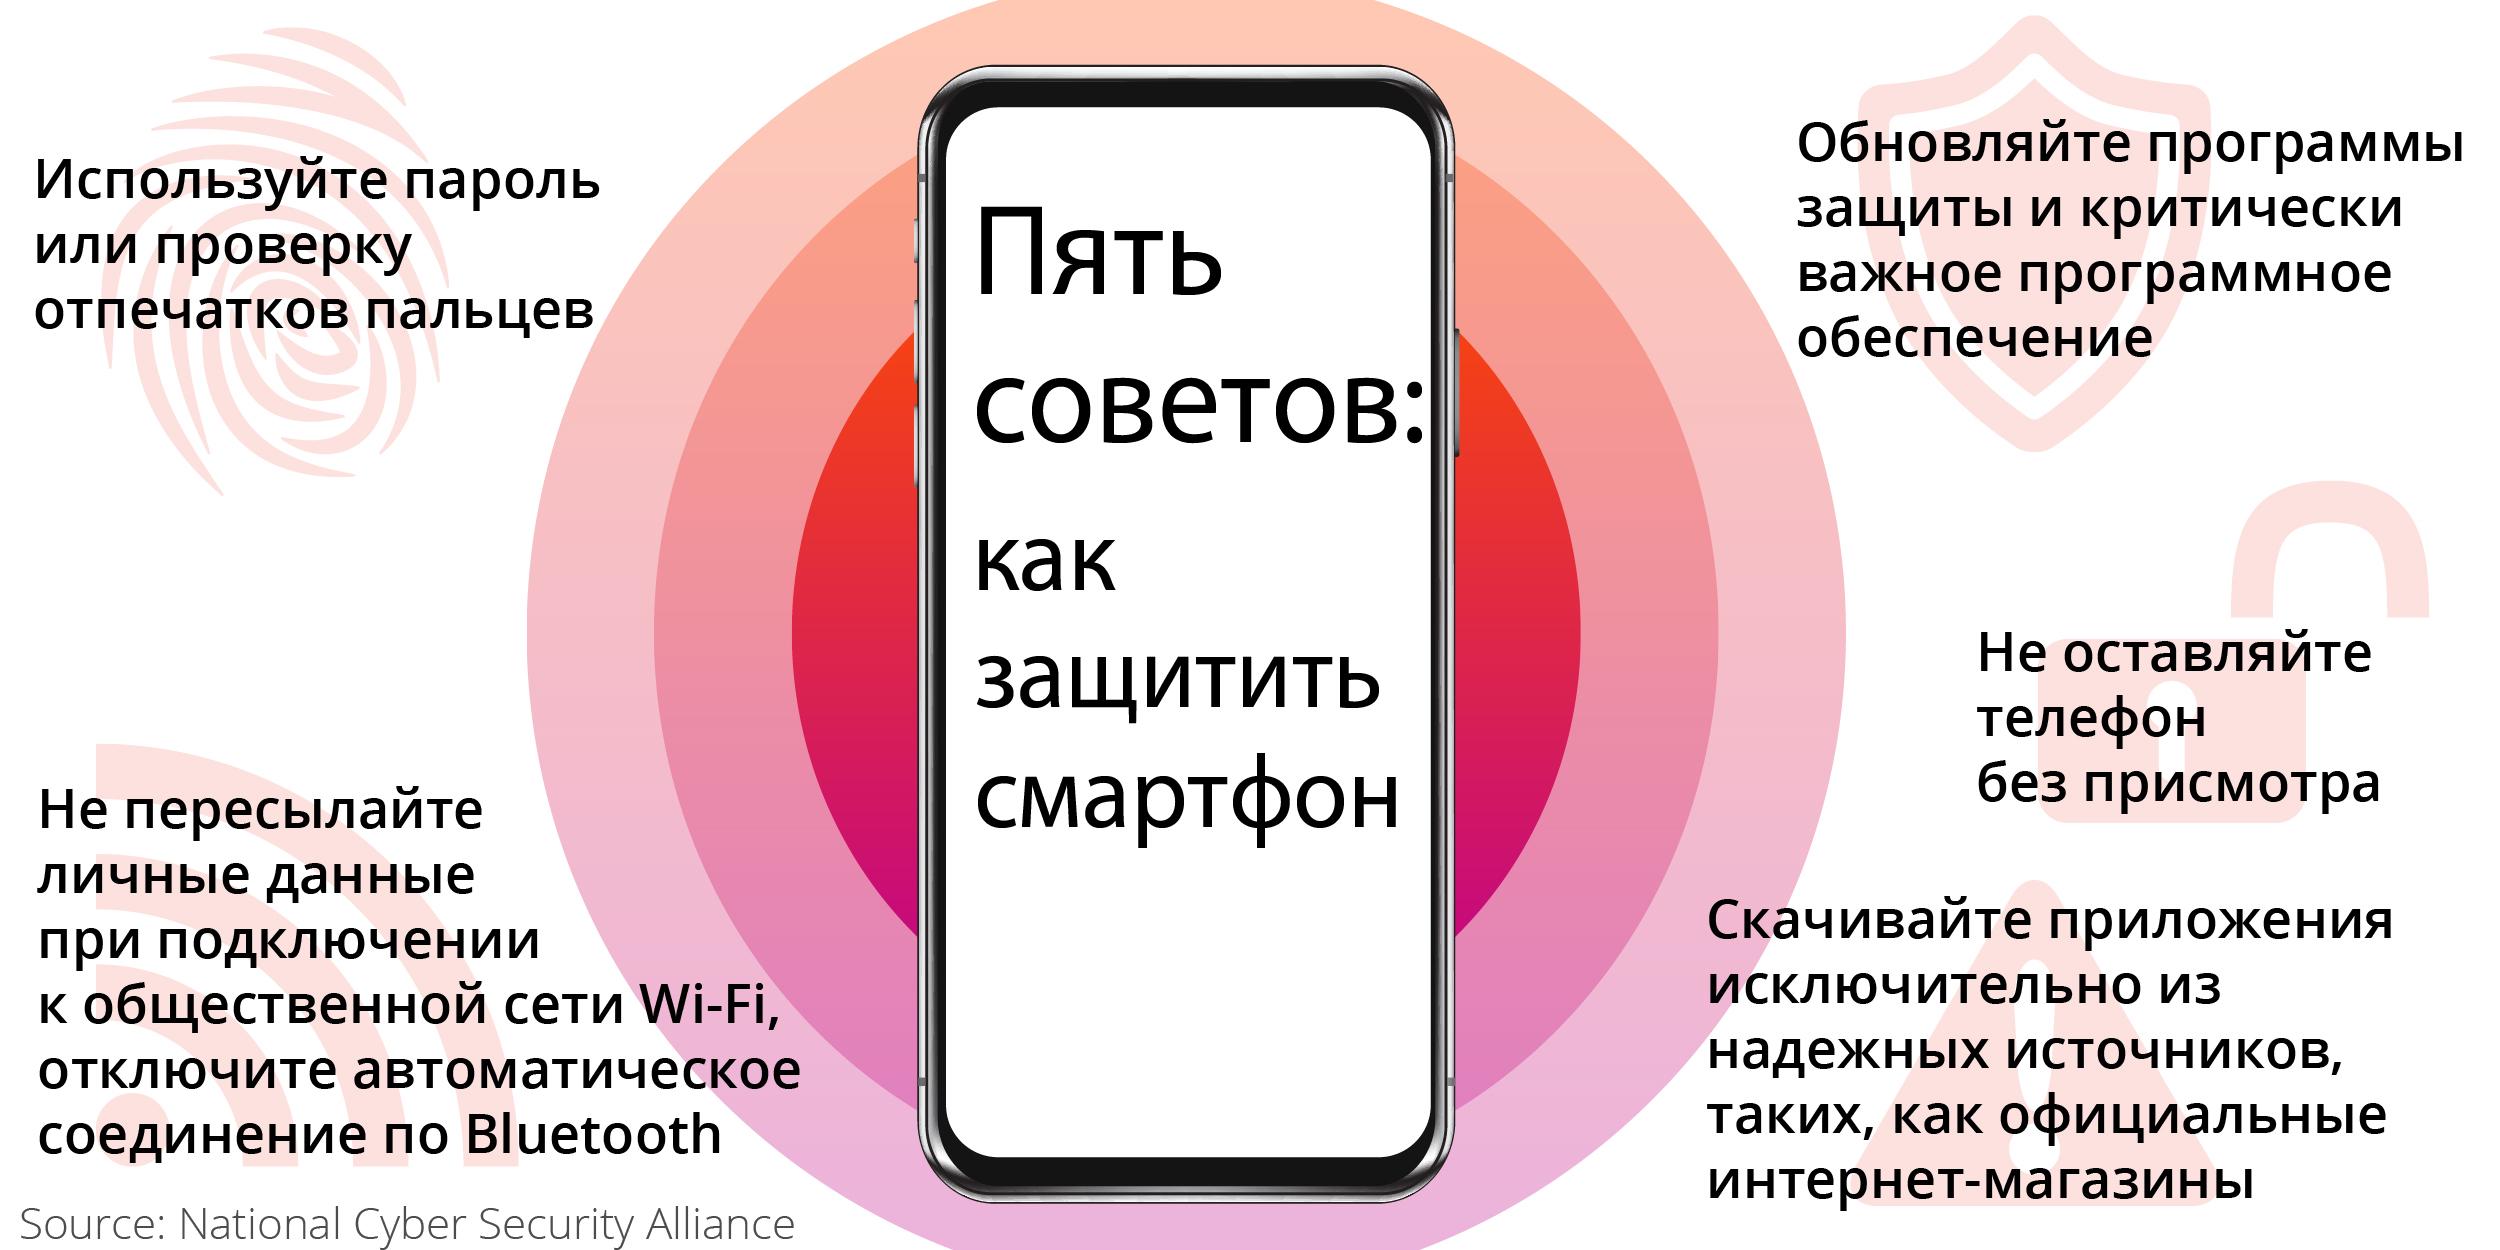 Графическое изображение с советами по защите смартфона (State Dept./S. Gemeny Wilkinson)